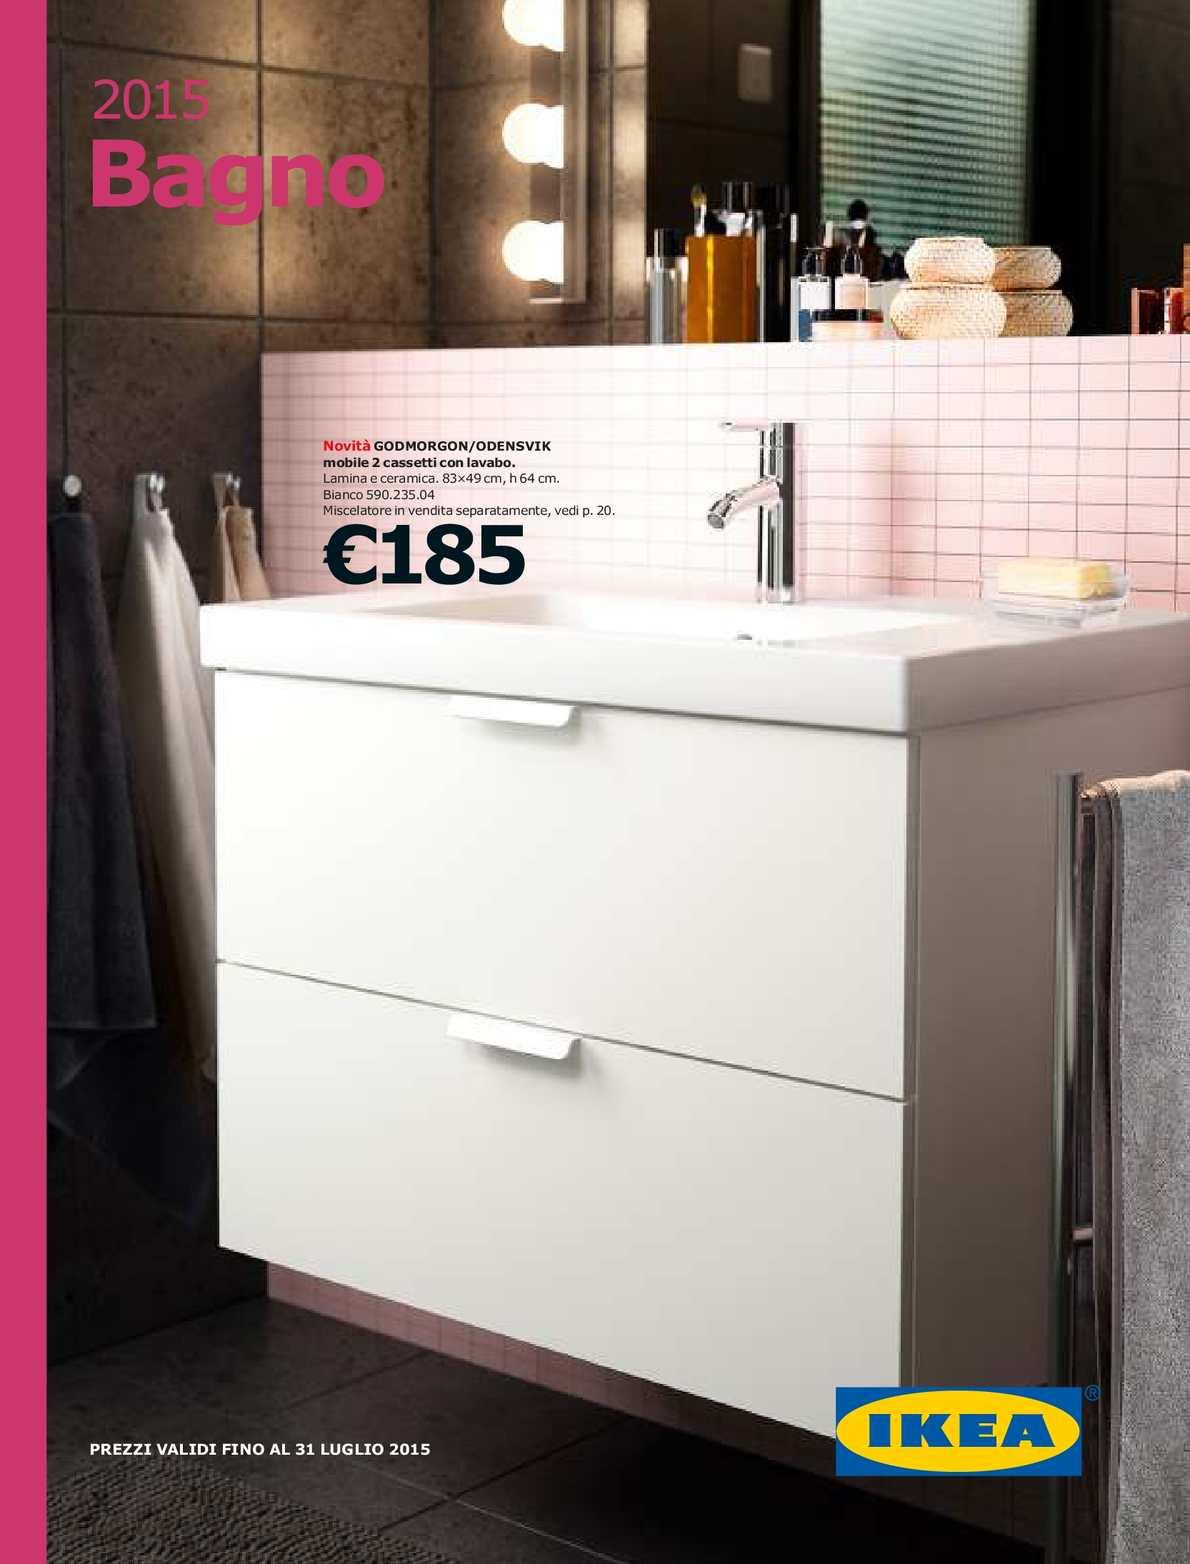 Mobile Bagno Ikea Immagini calaméo - catalogo ikea bagni 14-15